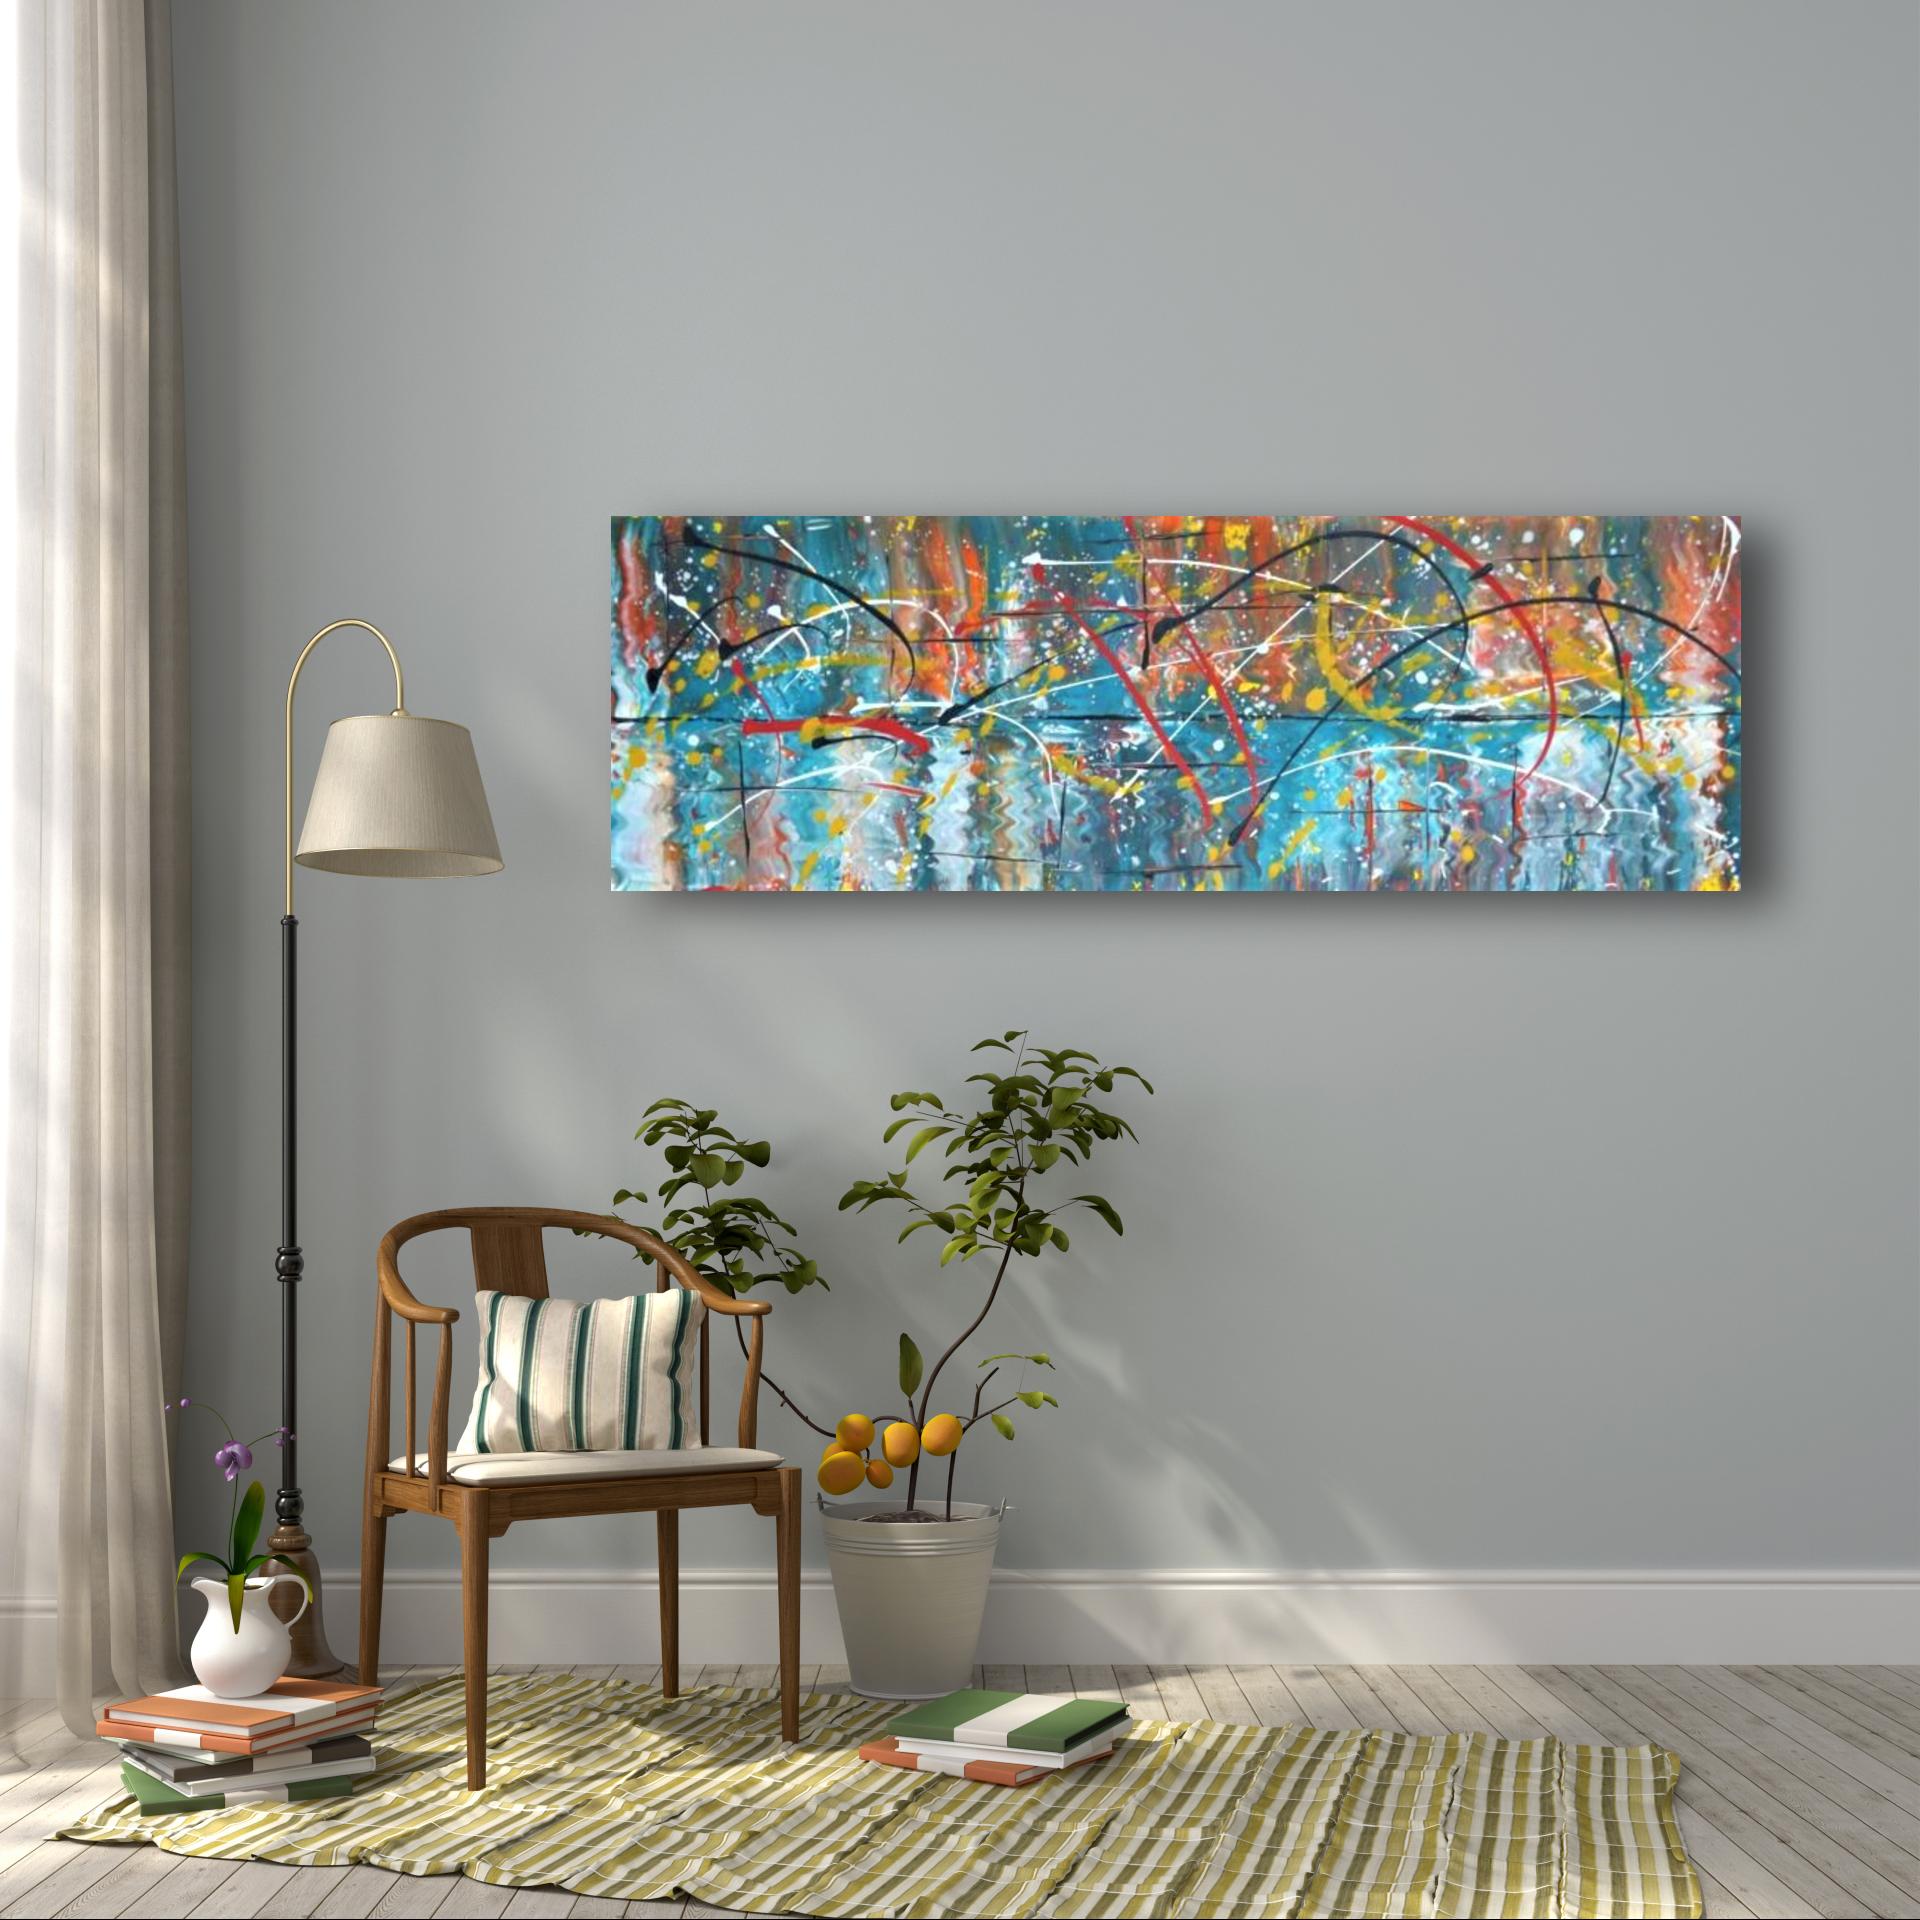 interieurfoto schilderij Reflected Light van James